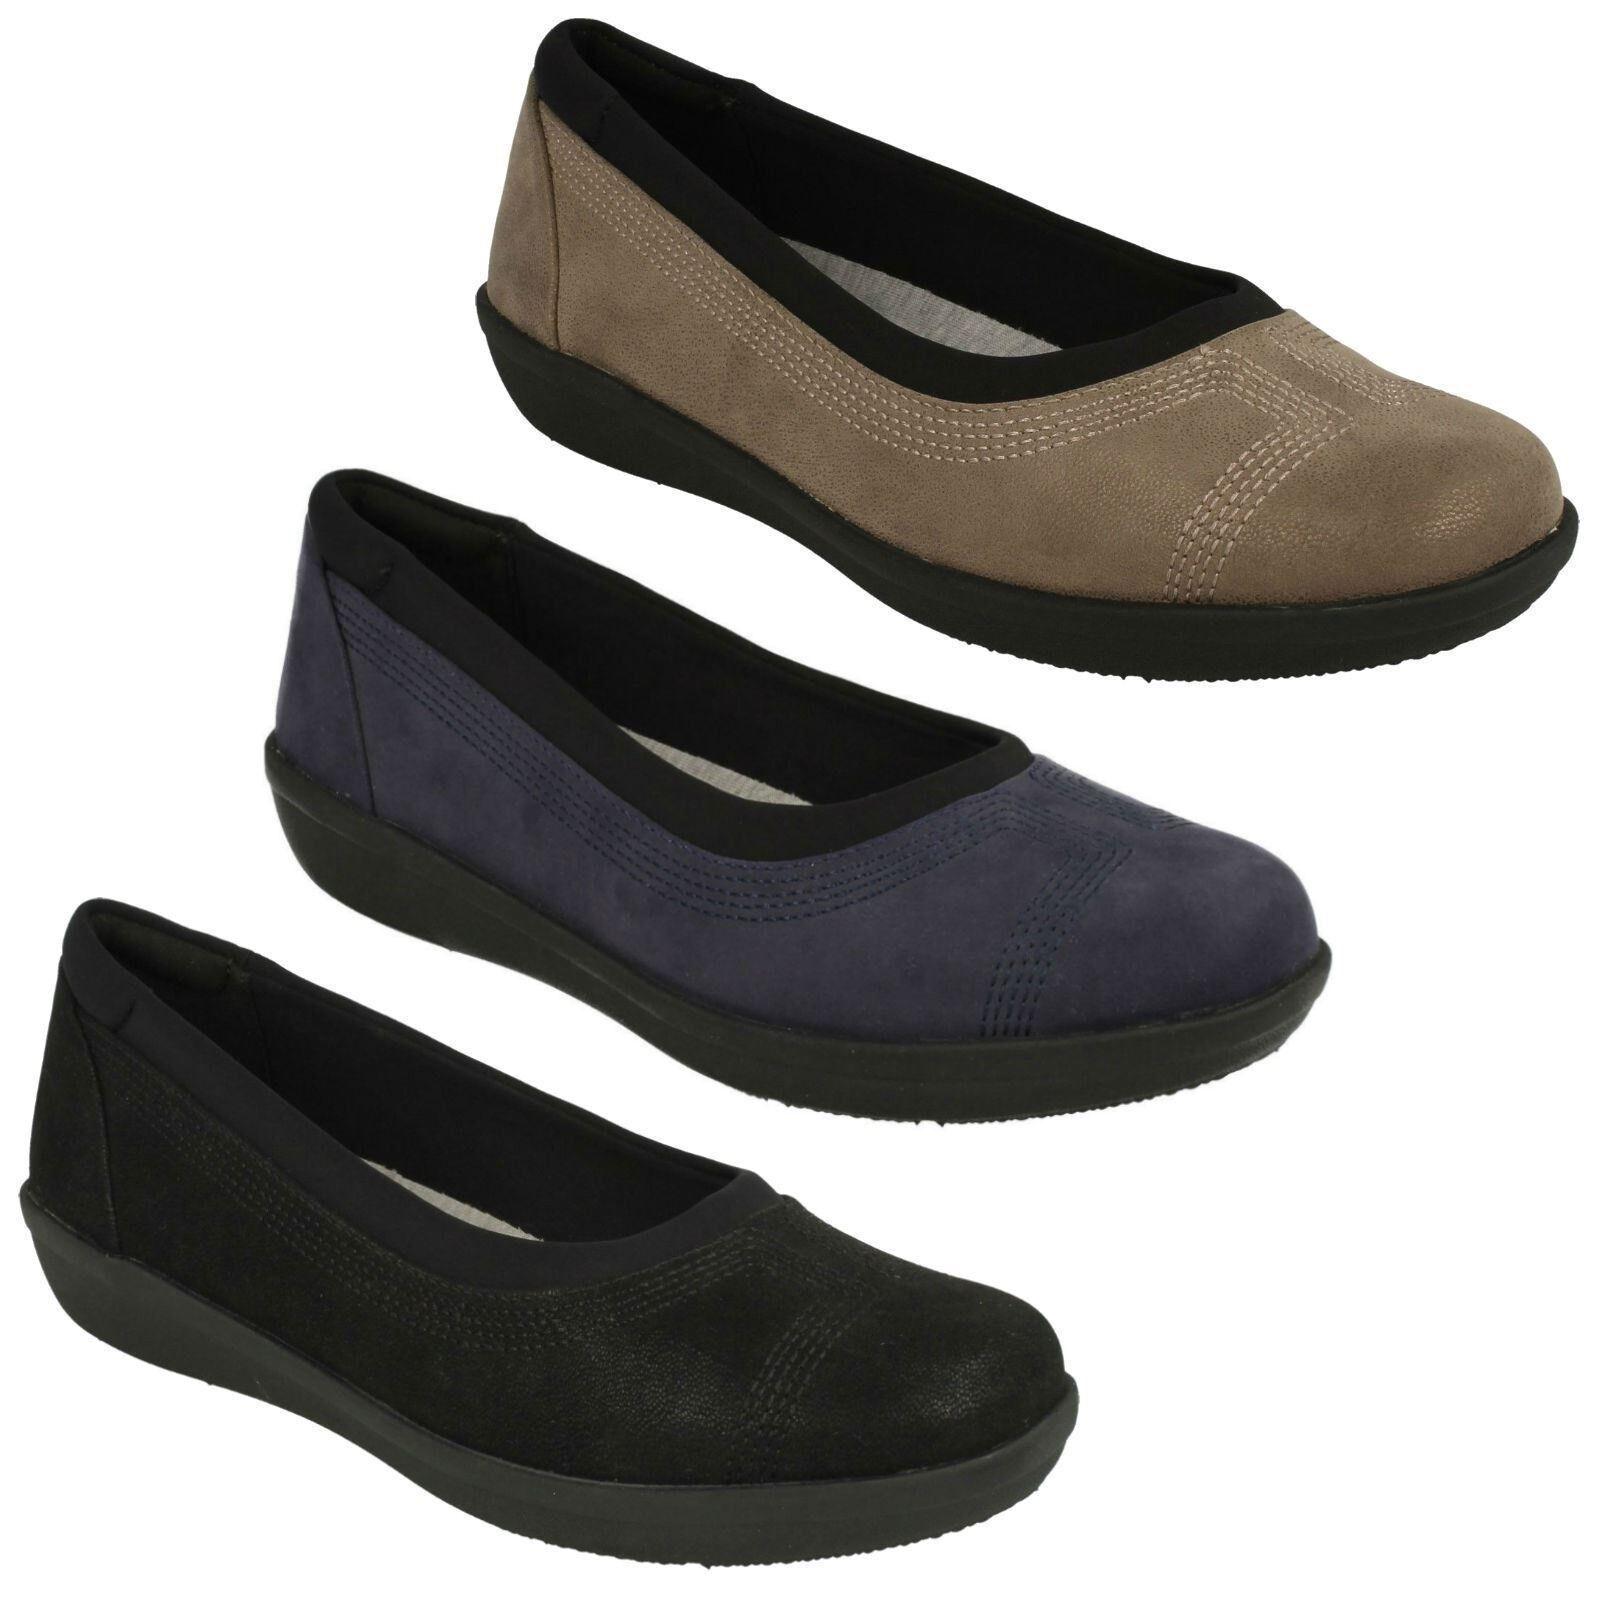 Damen Clarks Freizeit Slipper Niedrige Absätze Cloudsteppers Pumps Schuhe Größe